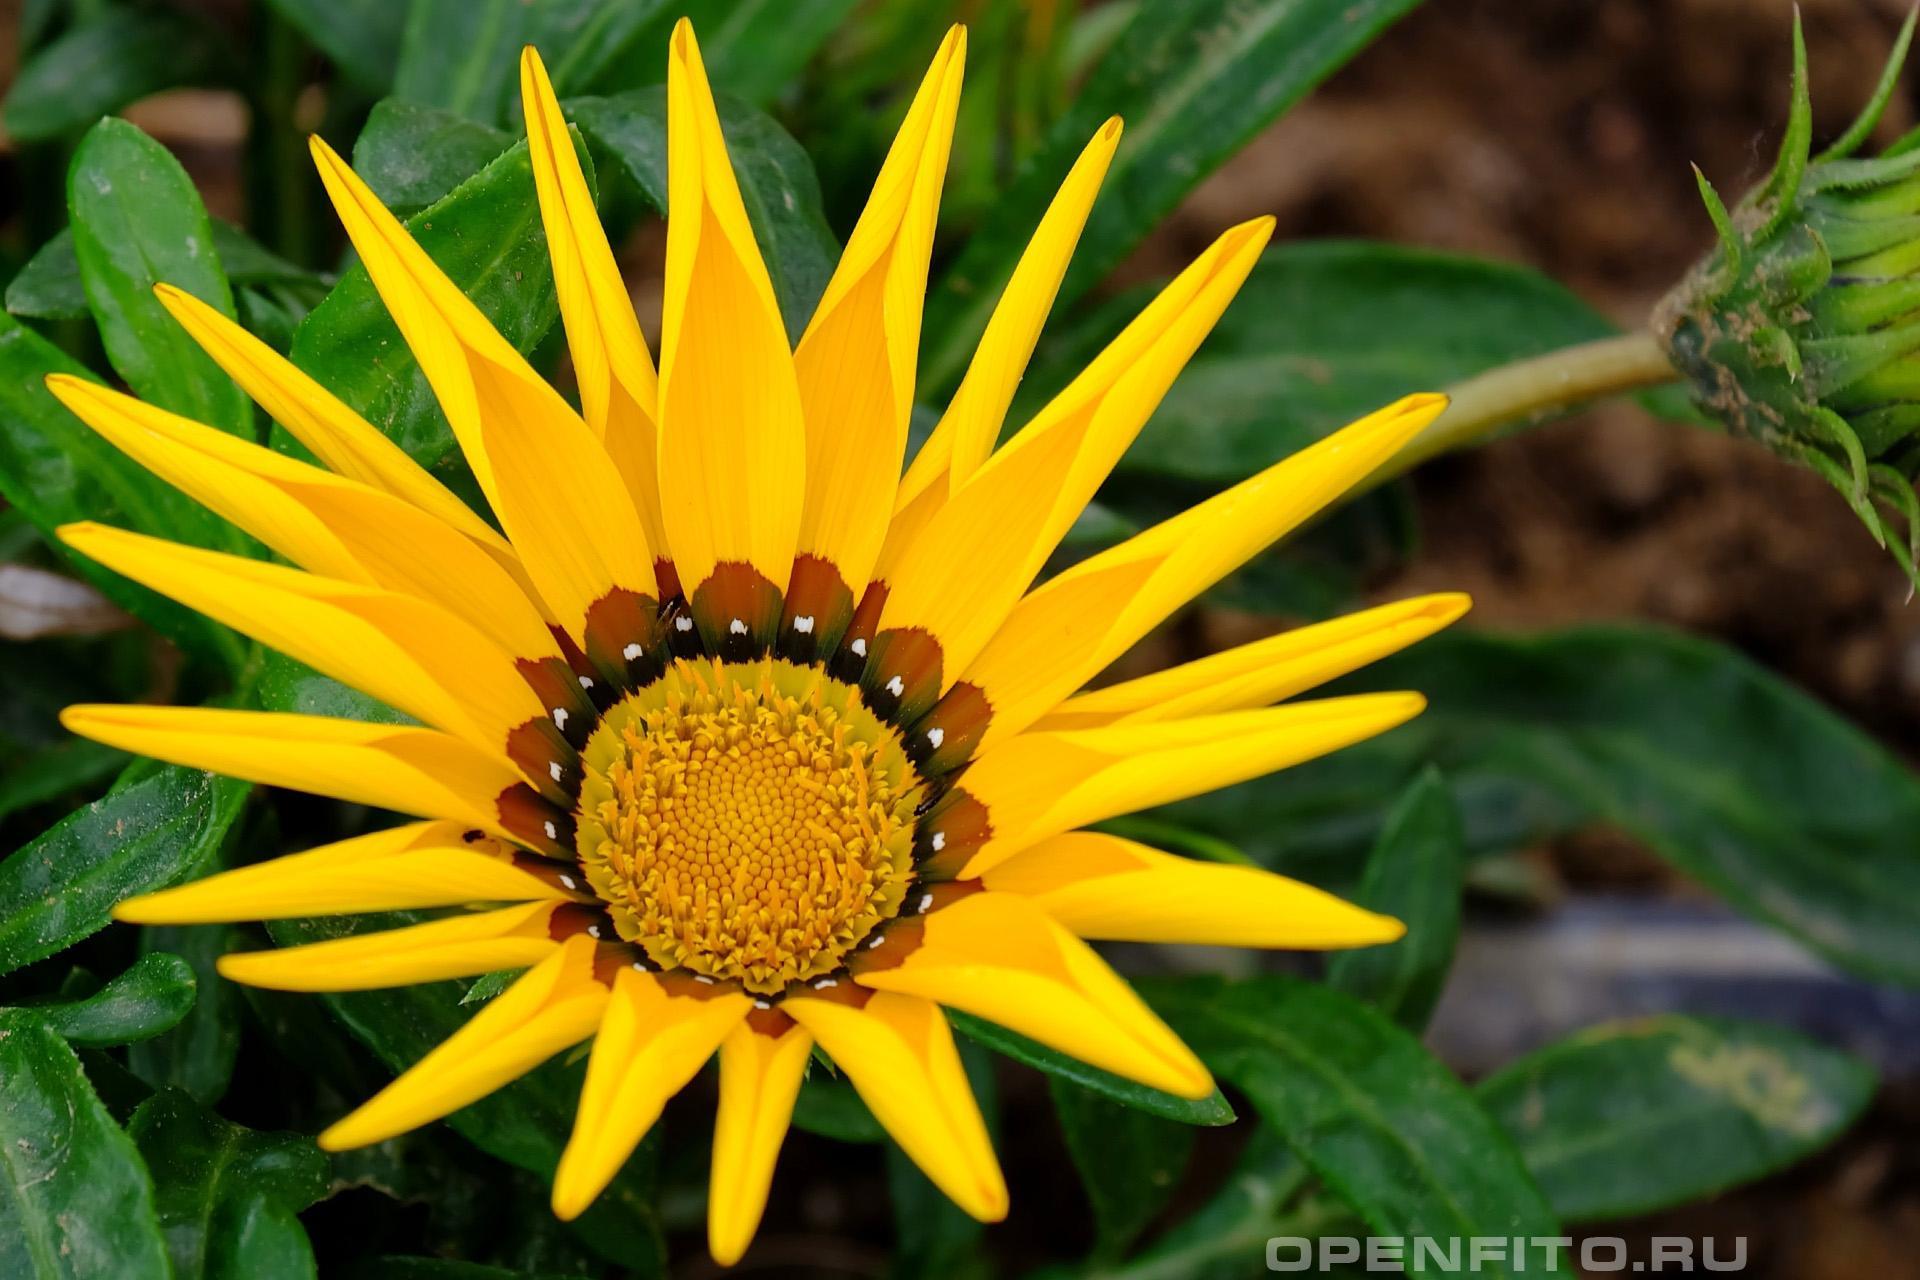 Газания жестковатая цветки довольно быстро могут открываться на свету и закрываться в тени